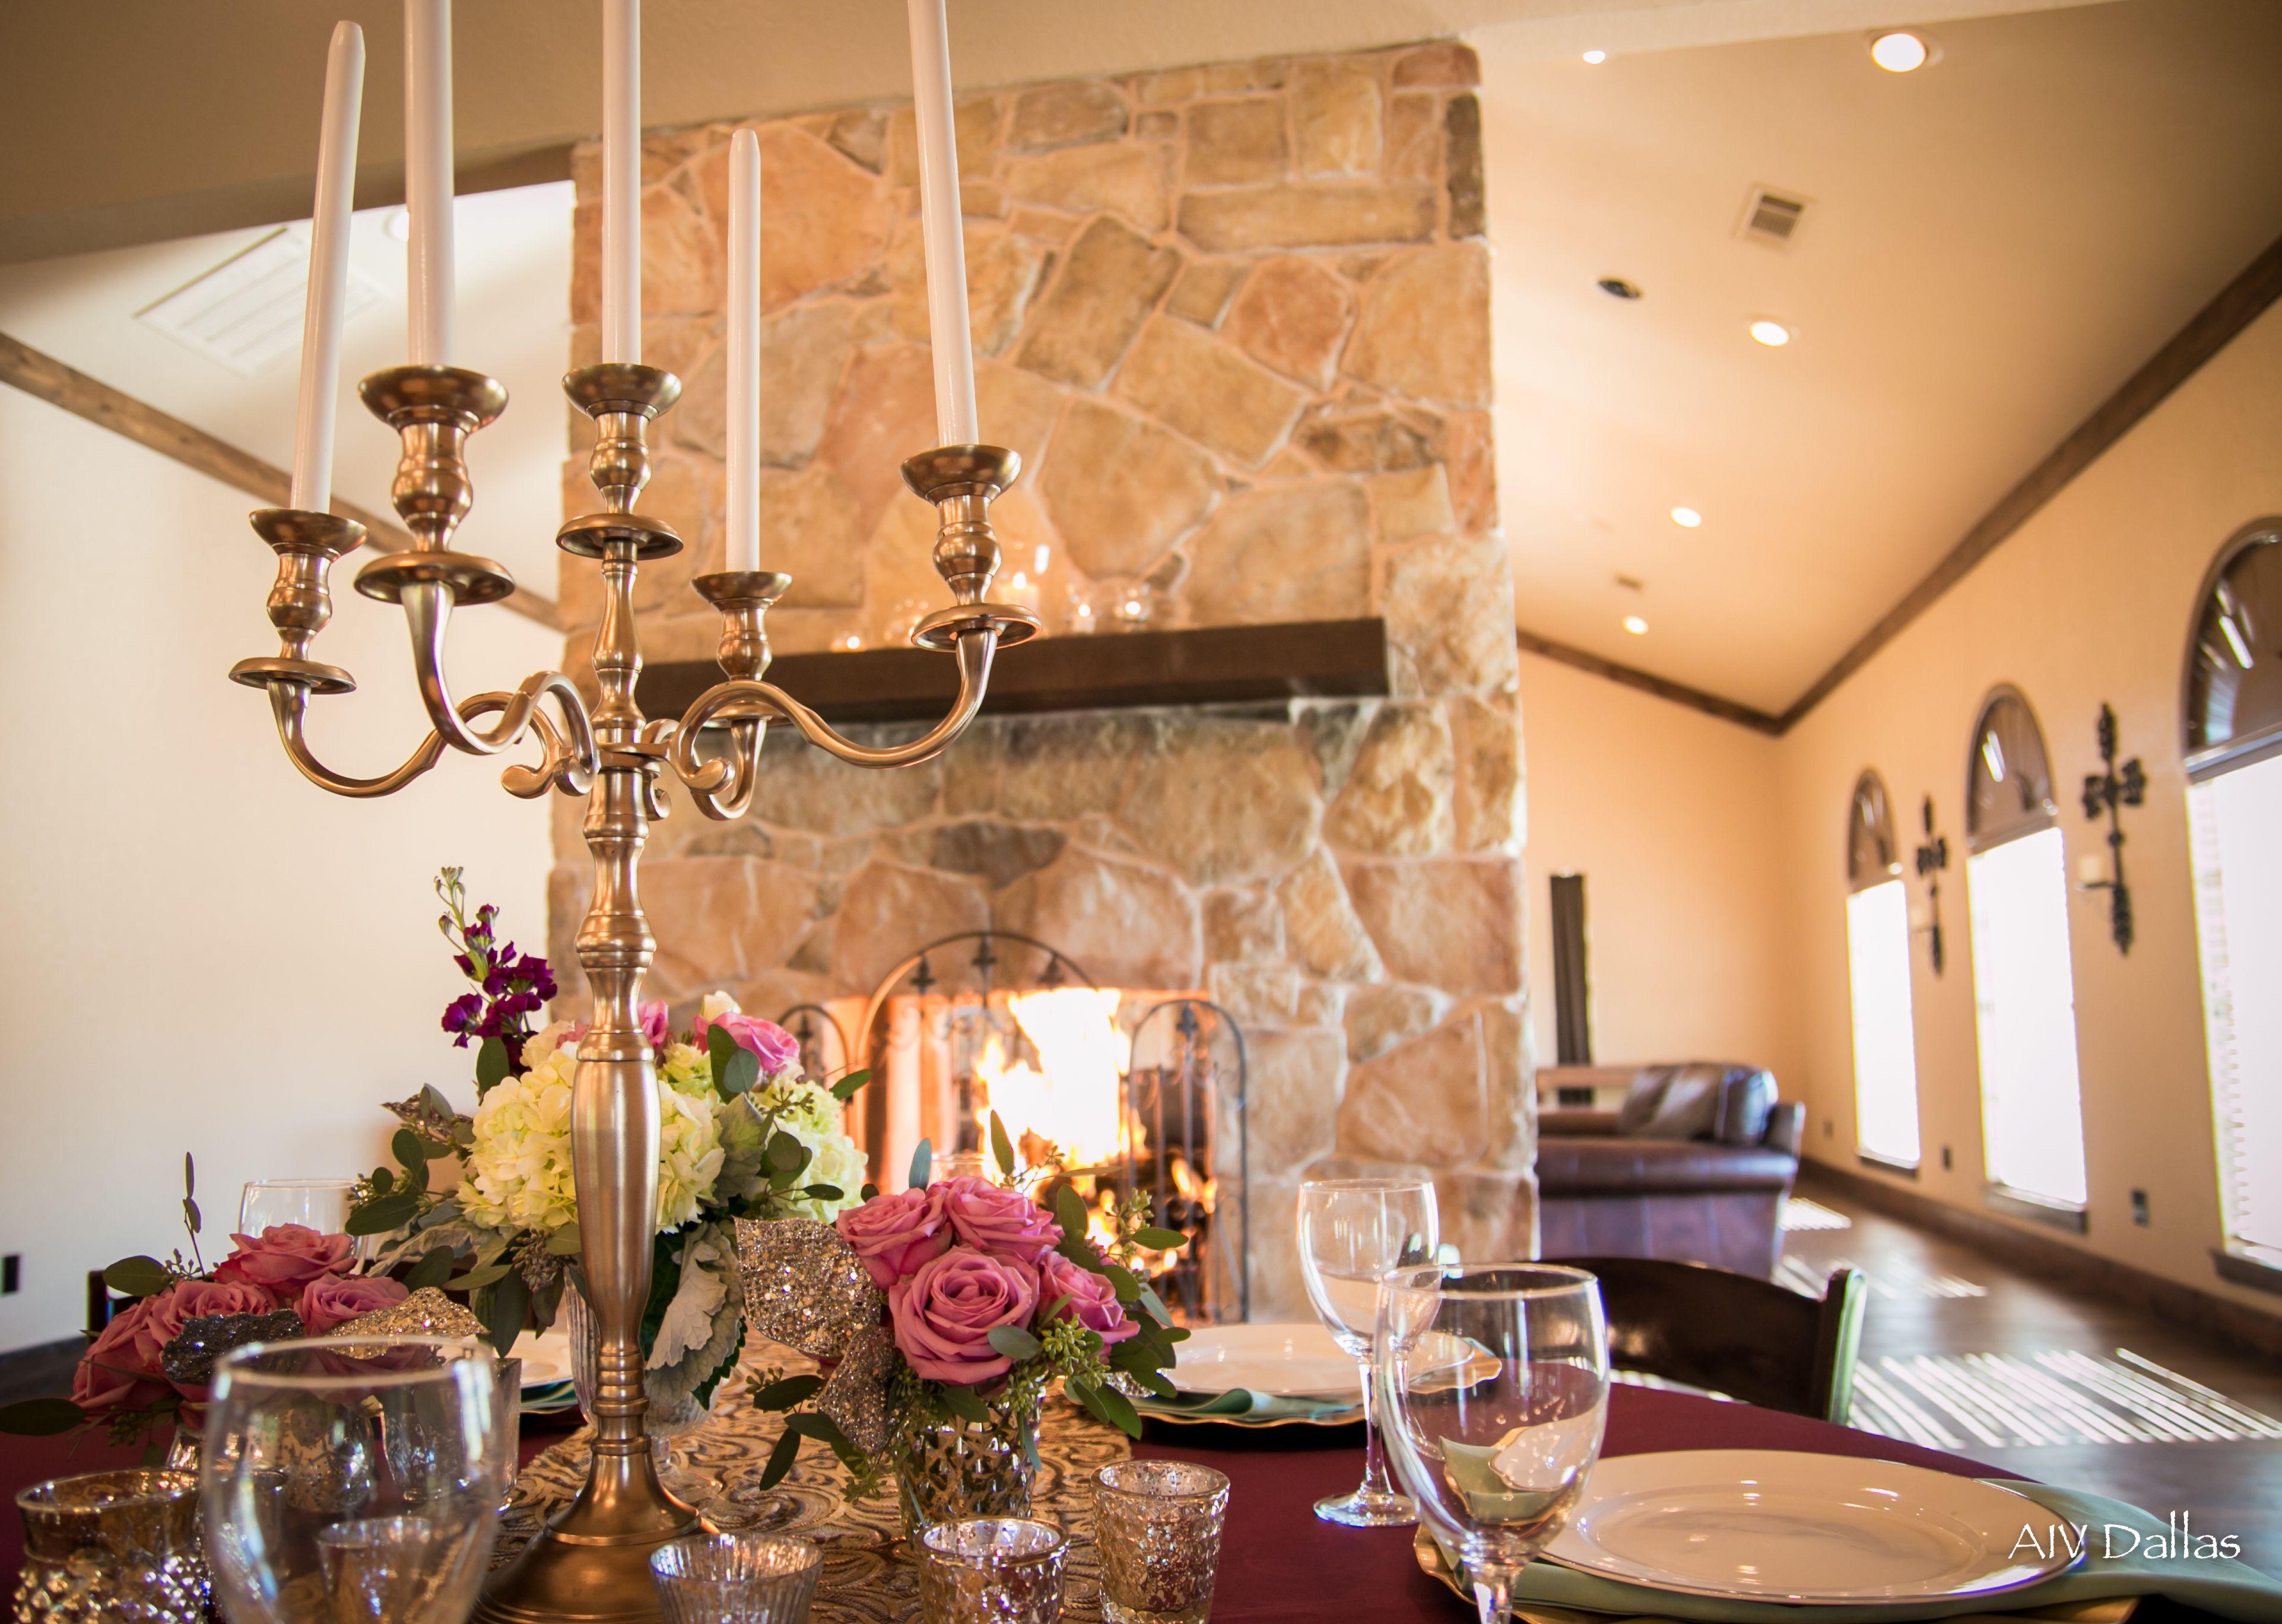 #Wedding #WeddingVenues #Venues #Dallas #AIVDallas #Rustic ...